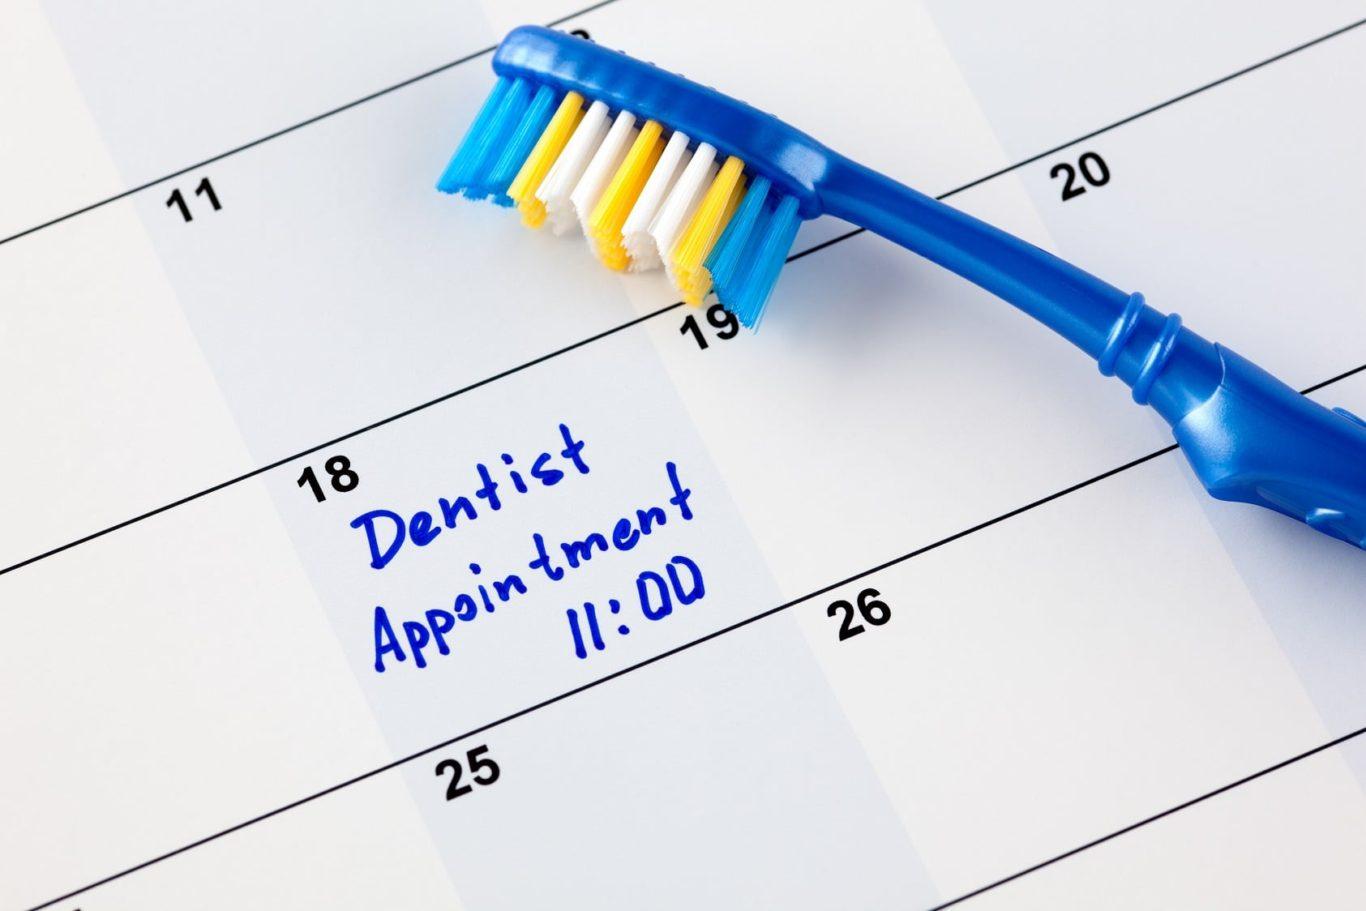 Dental Appointment Reminder on Calendar